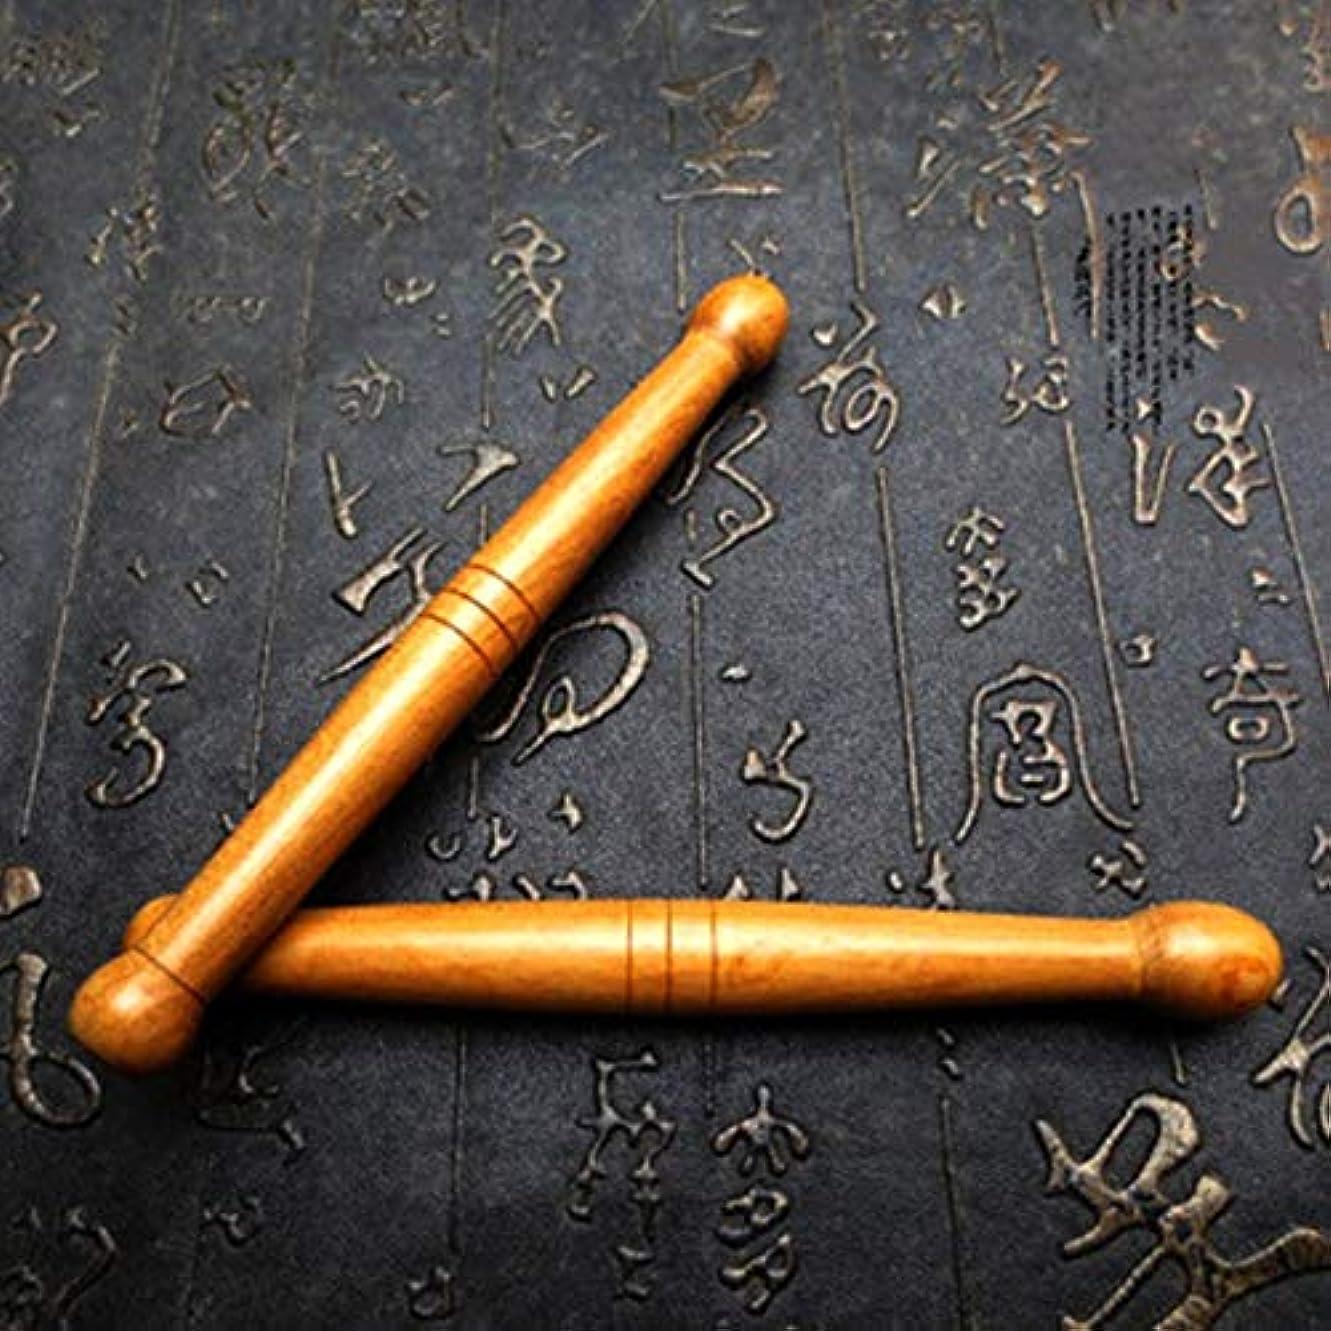 海賊発生器船員TerGOOSE マッサージ棒 足裏マッサージ棒 グリグリ棒 特製マッサージ棒 ぐり押し棒 メリディアンペン ポイントスティック マッサージャー 本格プロ仕様 木製 マッサージ 快適な 健康 便利 多機能